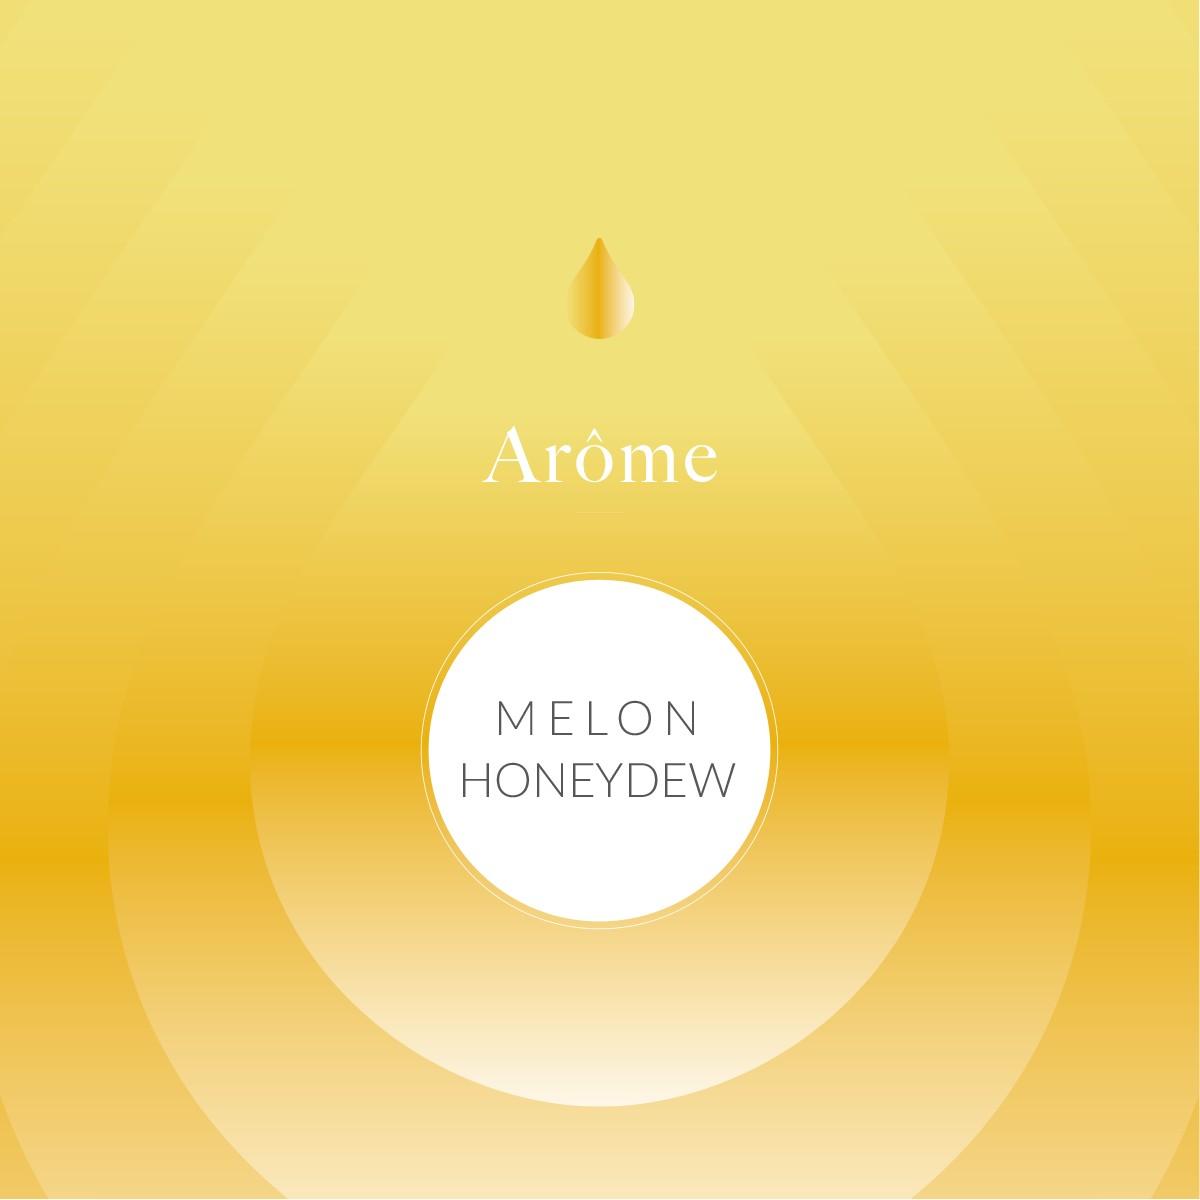 Arôme Melon Honeydew